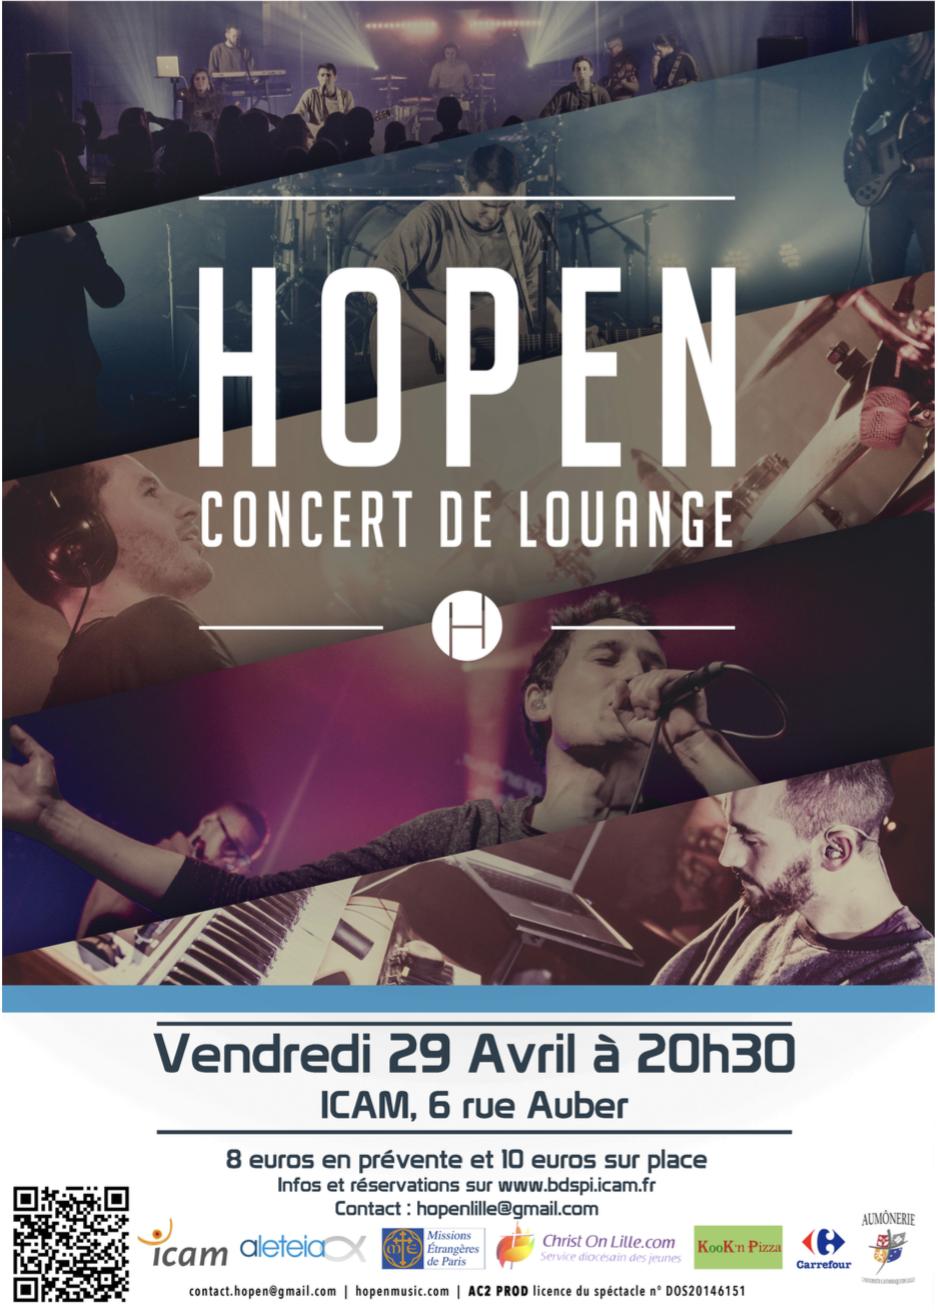 Concert de Hopen prévu le vendredi 29 avril à l'ICAM